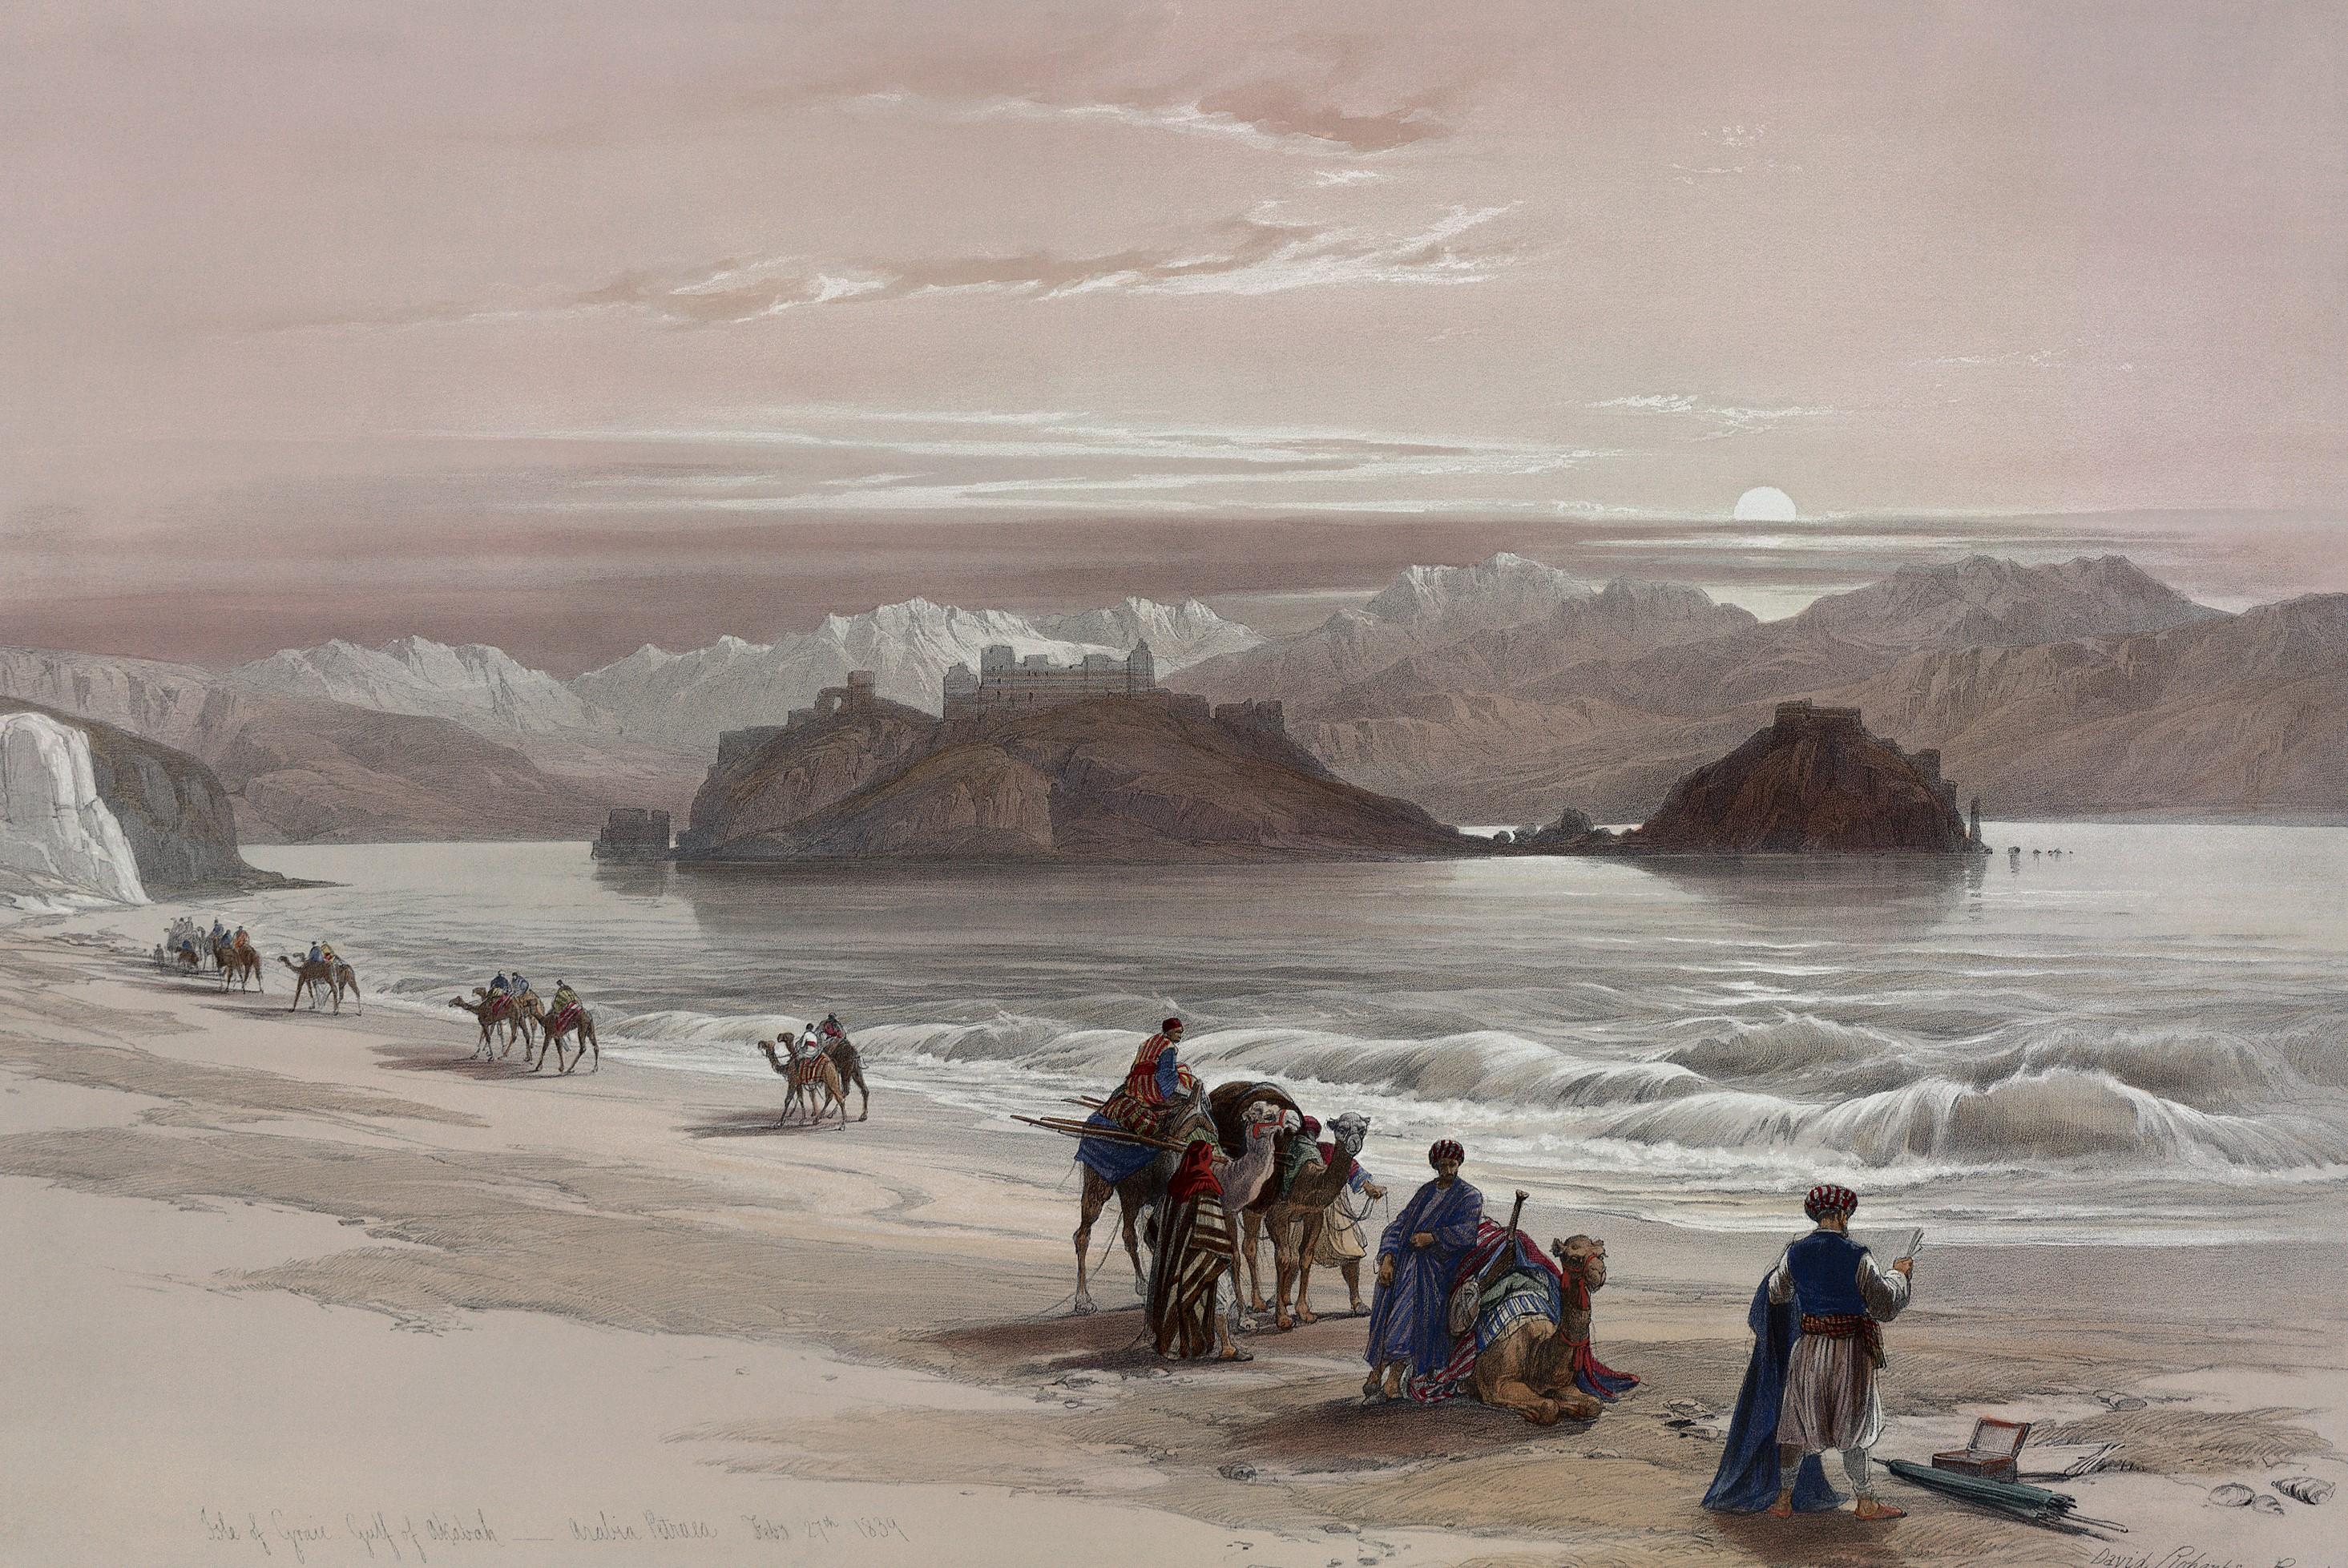 Caravana de viajeros en camellos